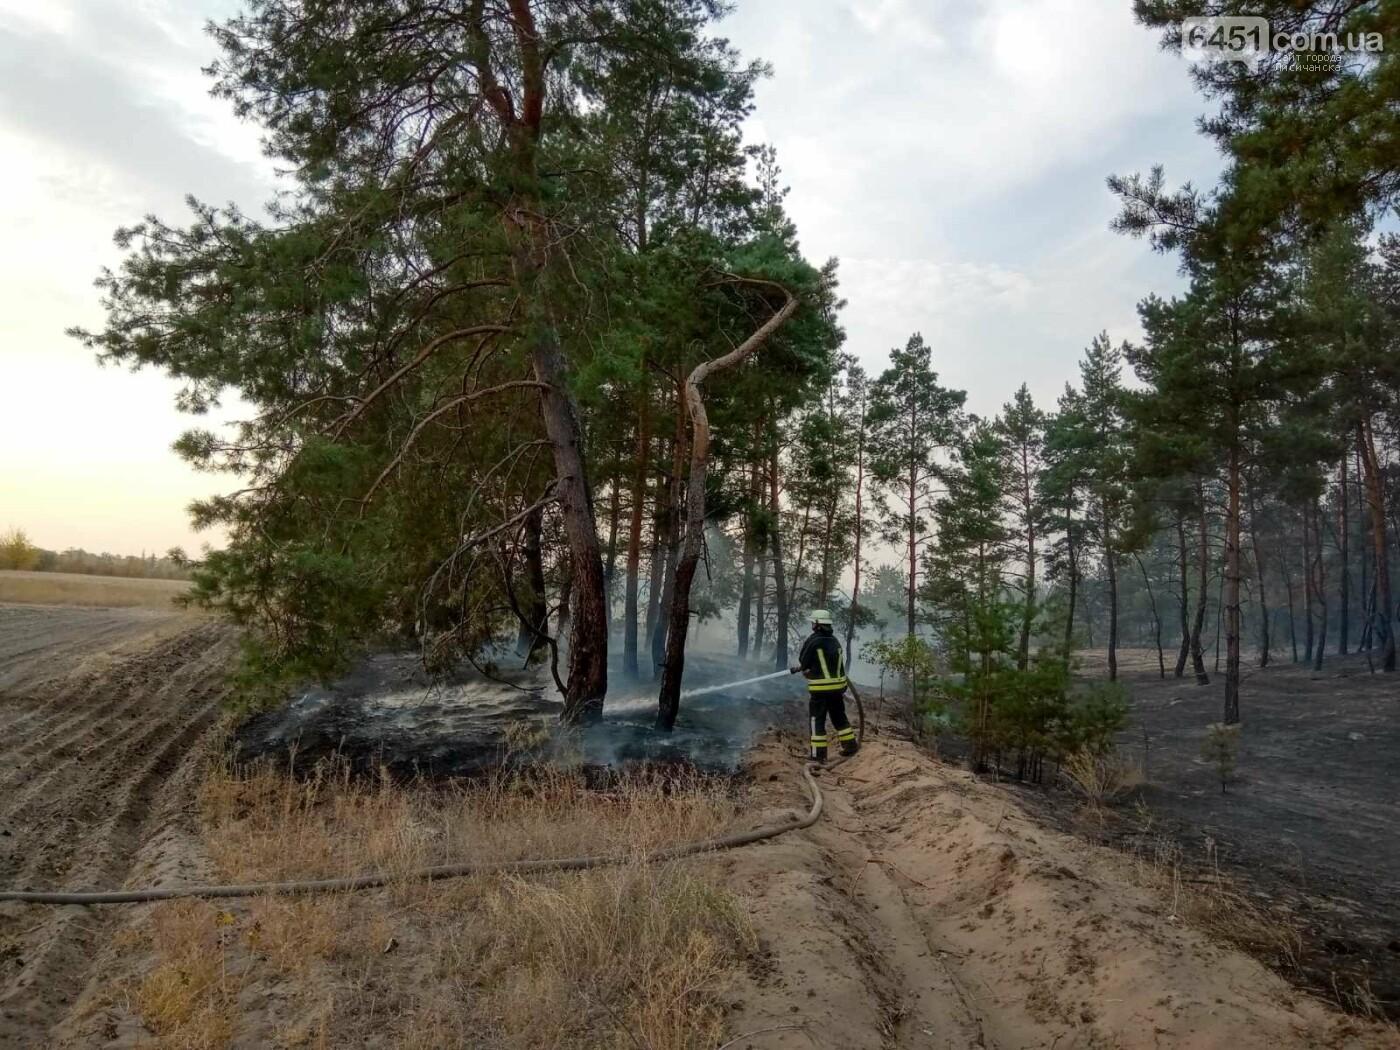 Часть Луганщины снова в огне, фото-2